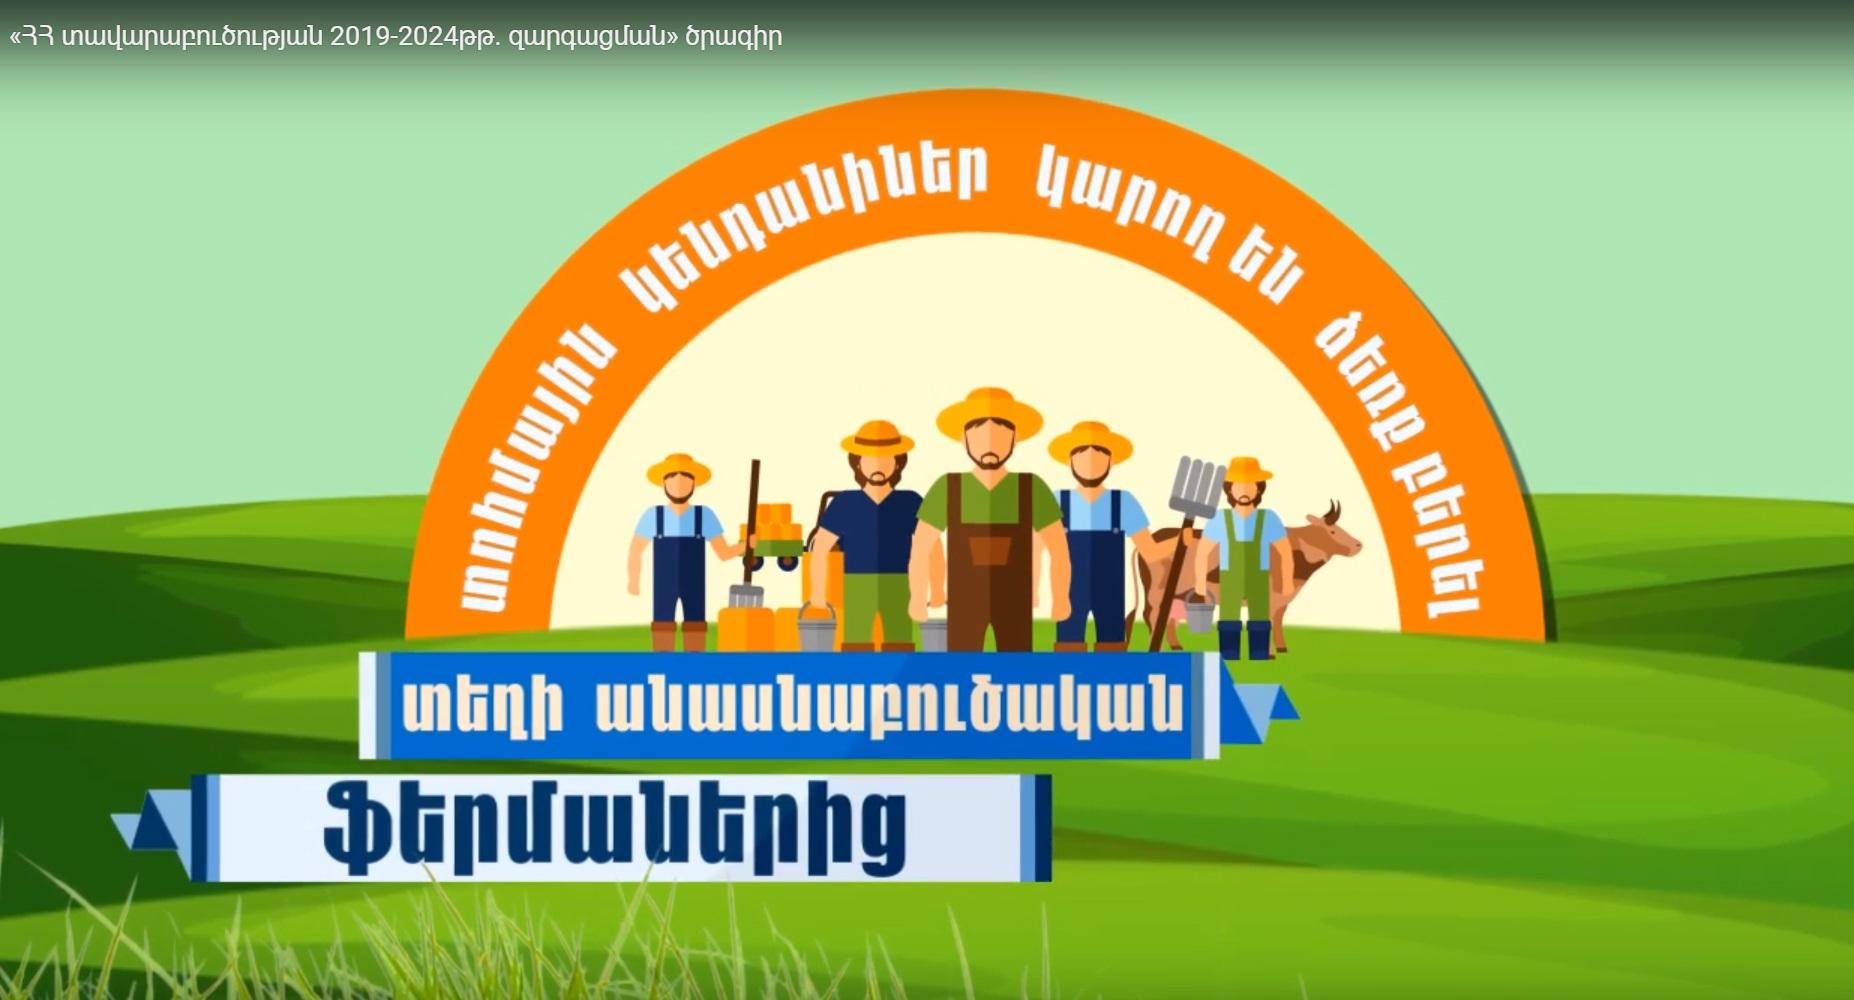 Photo of «ՀՀ տավարաբուծության 2019-2024թթ. զարգացման» ծրագիր